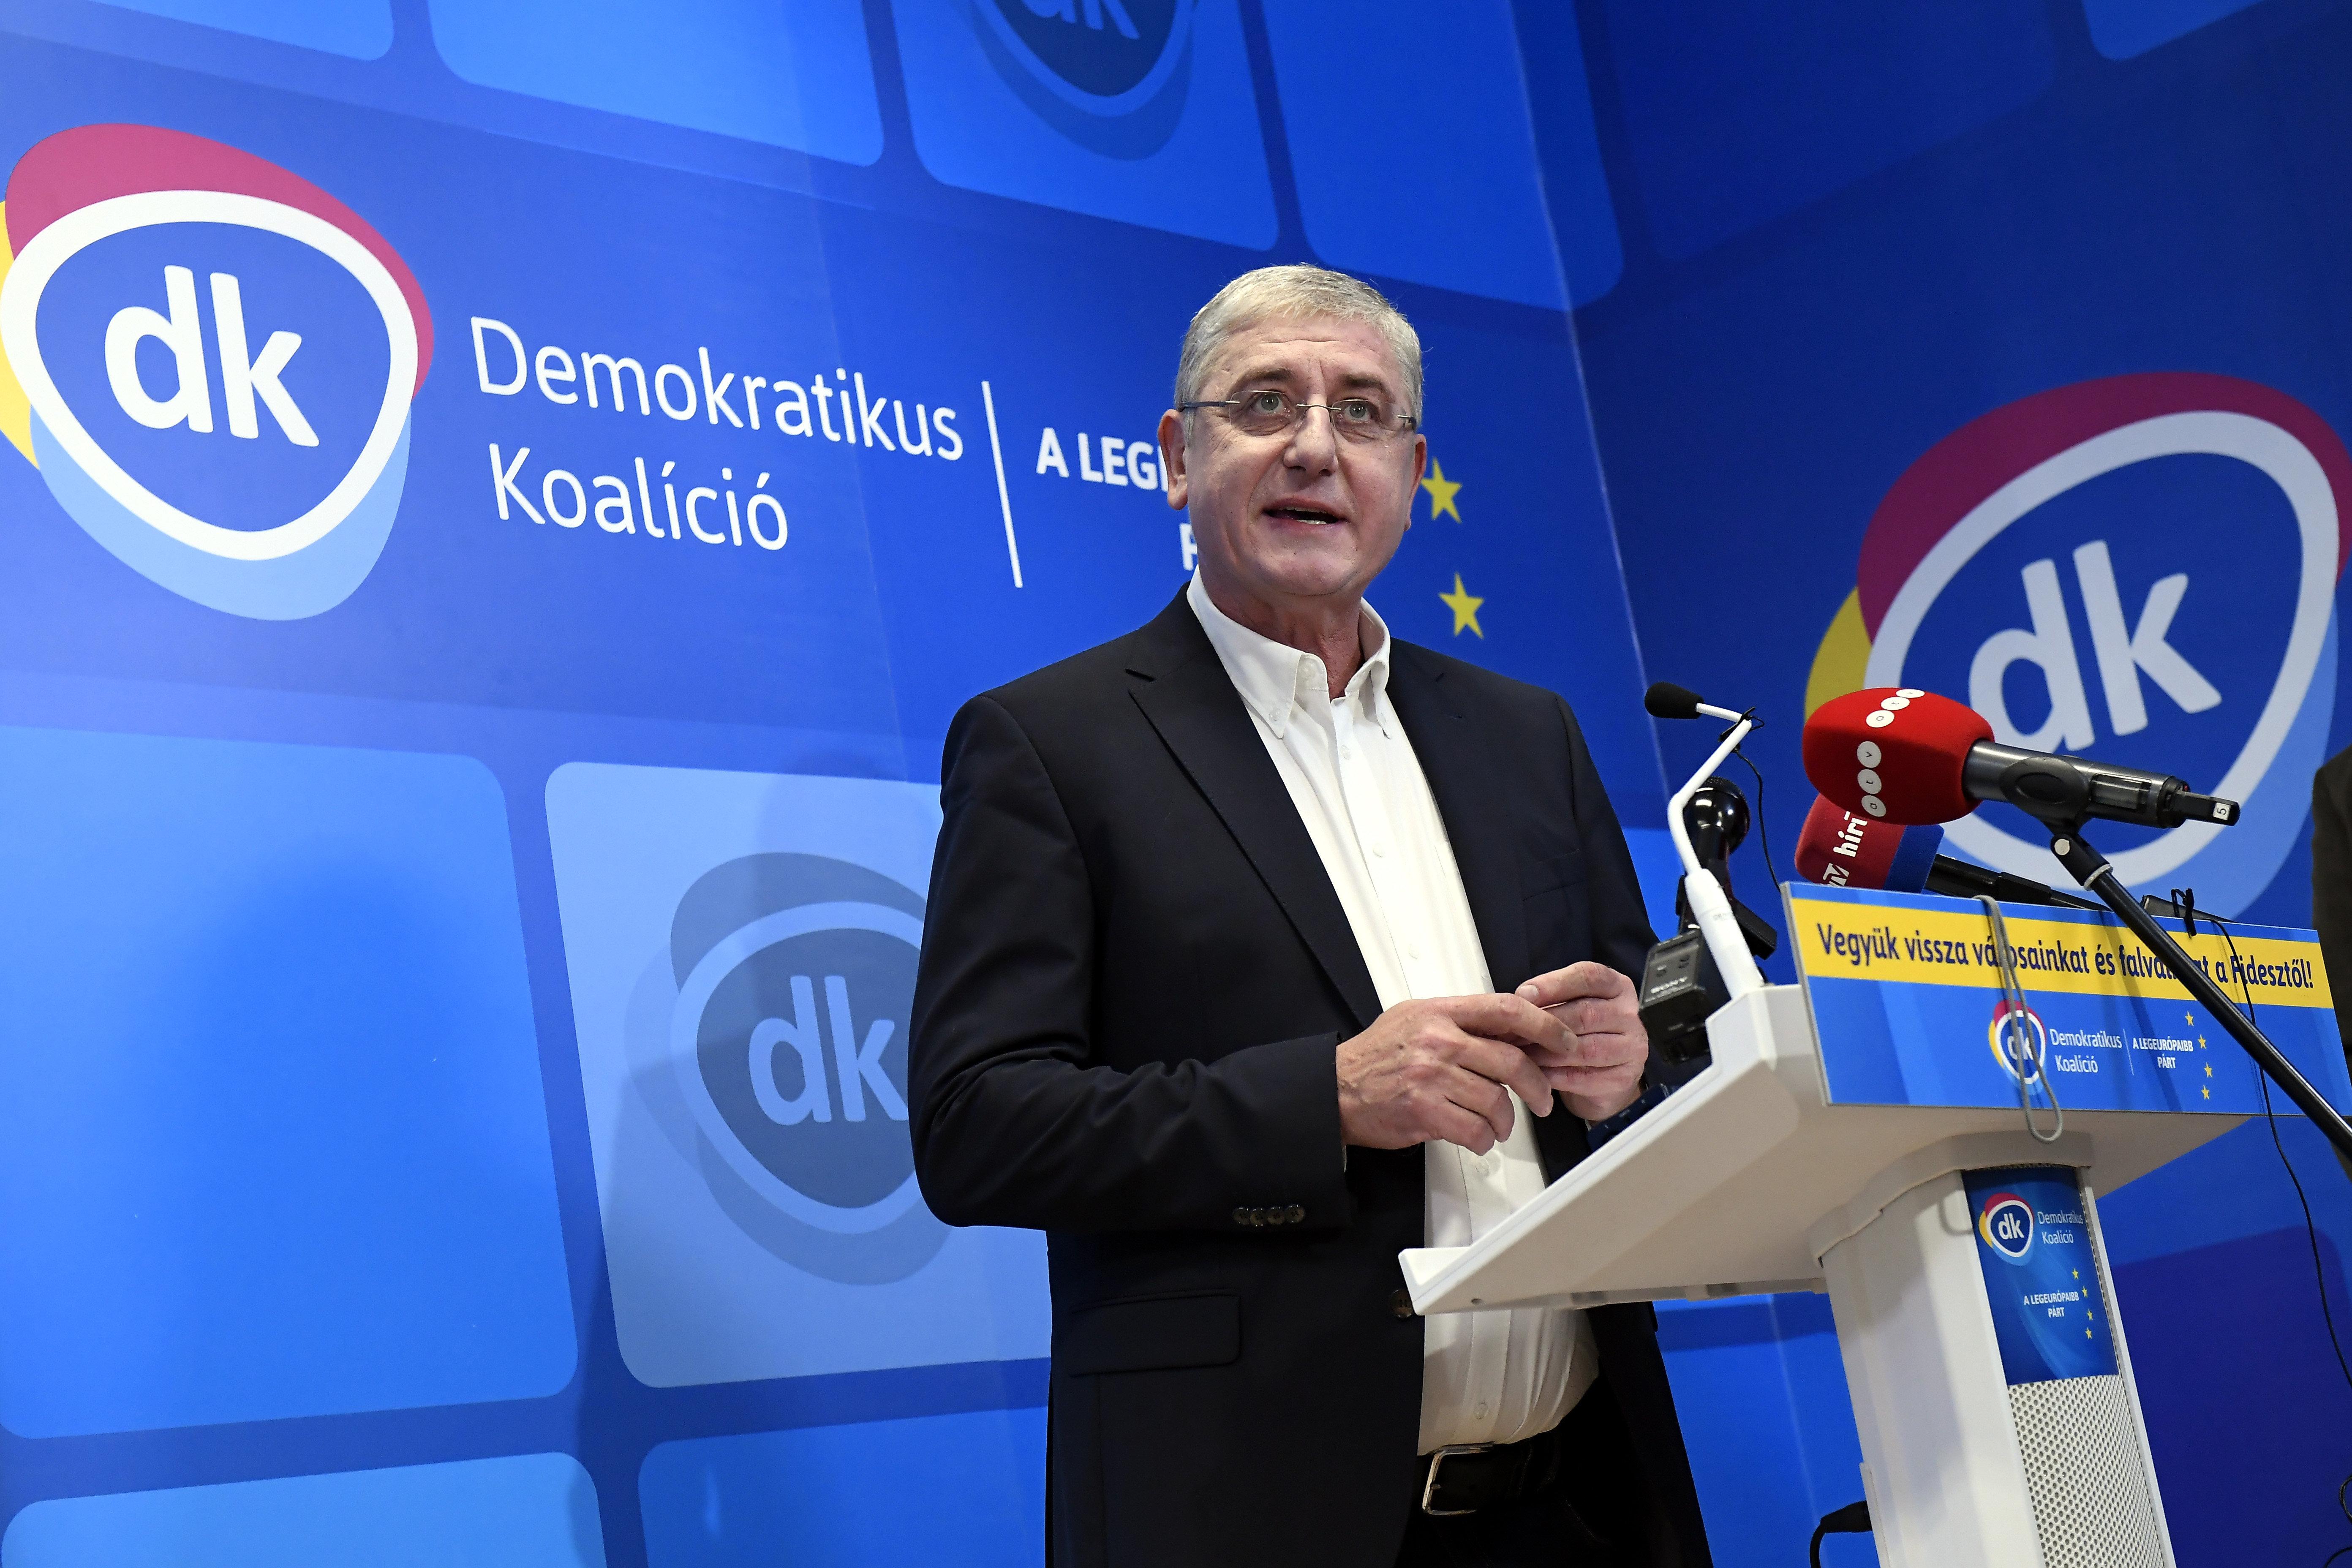 Két MSZP-s budapesti polgármester is a DK-ba igazolt át